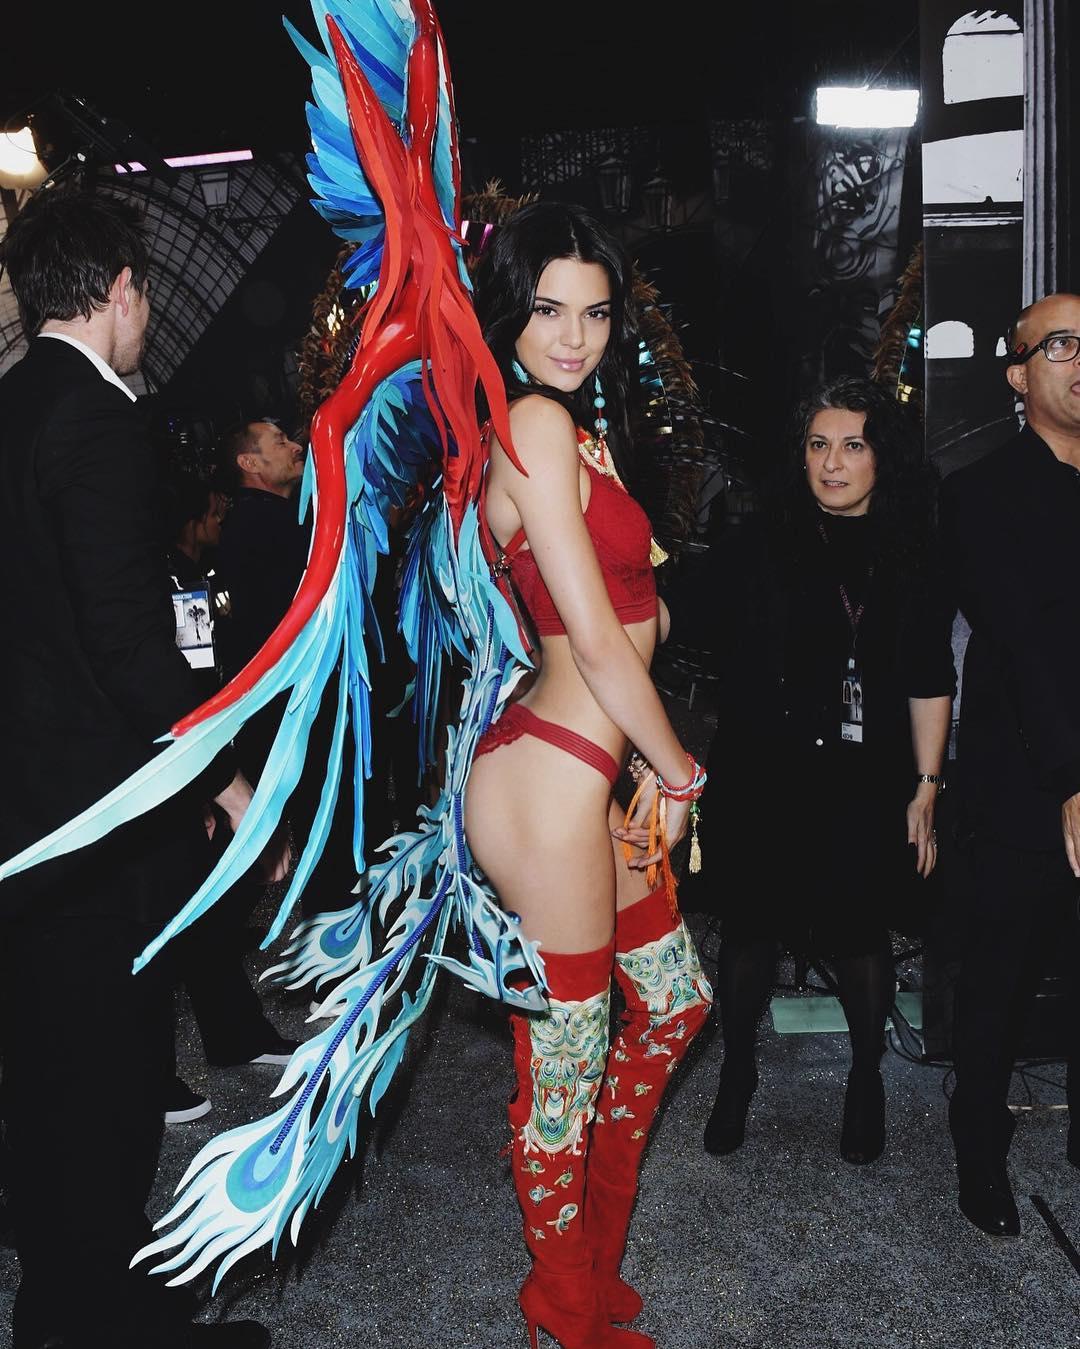 Dünyaca ünlü güzel model Kendall Jenner Victoria's Secret defilesi için sexy kıyafeti ile podyuma çıktı. HD foto galeriyi görüntülemek için buraya tıklayın.